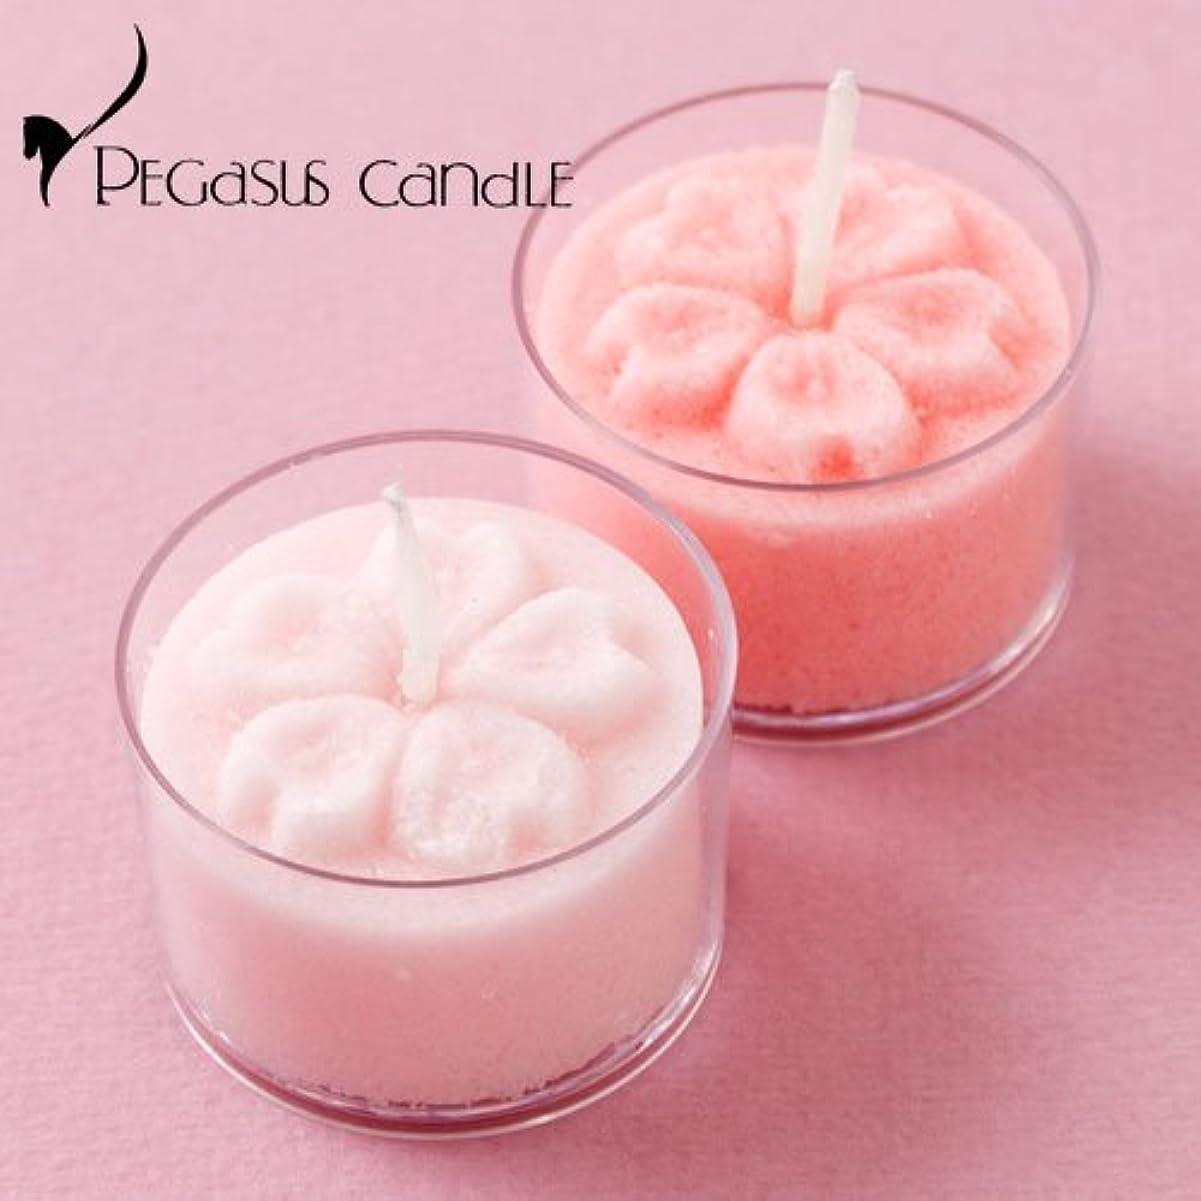 フォームフェードアウト知り合い花暦桜花の形のキャンドル2個セット(無香タイプ)ペガサスキャンドルFlower shaped candle